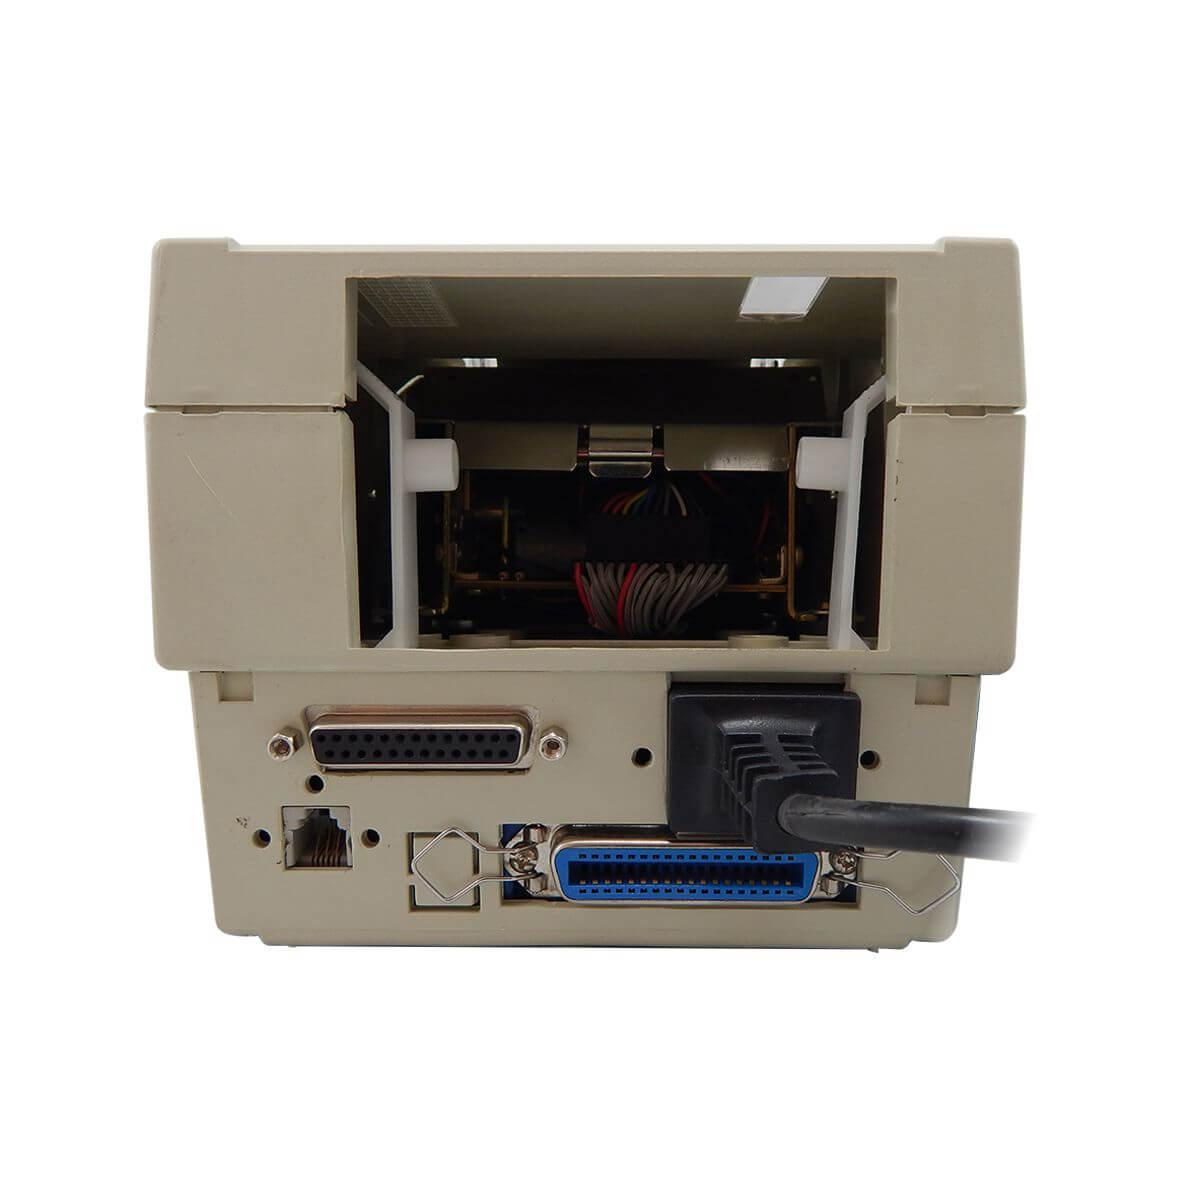 Impressora Matricial Cupom Não Fiscal Bematech Mp20-MI - Seminova